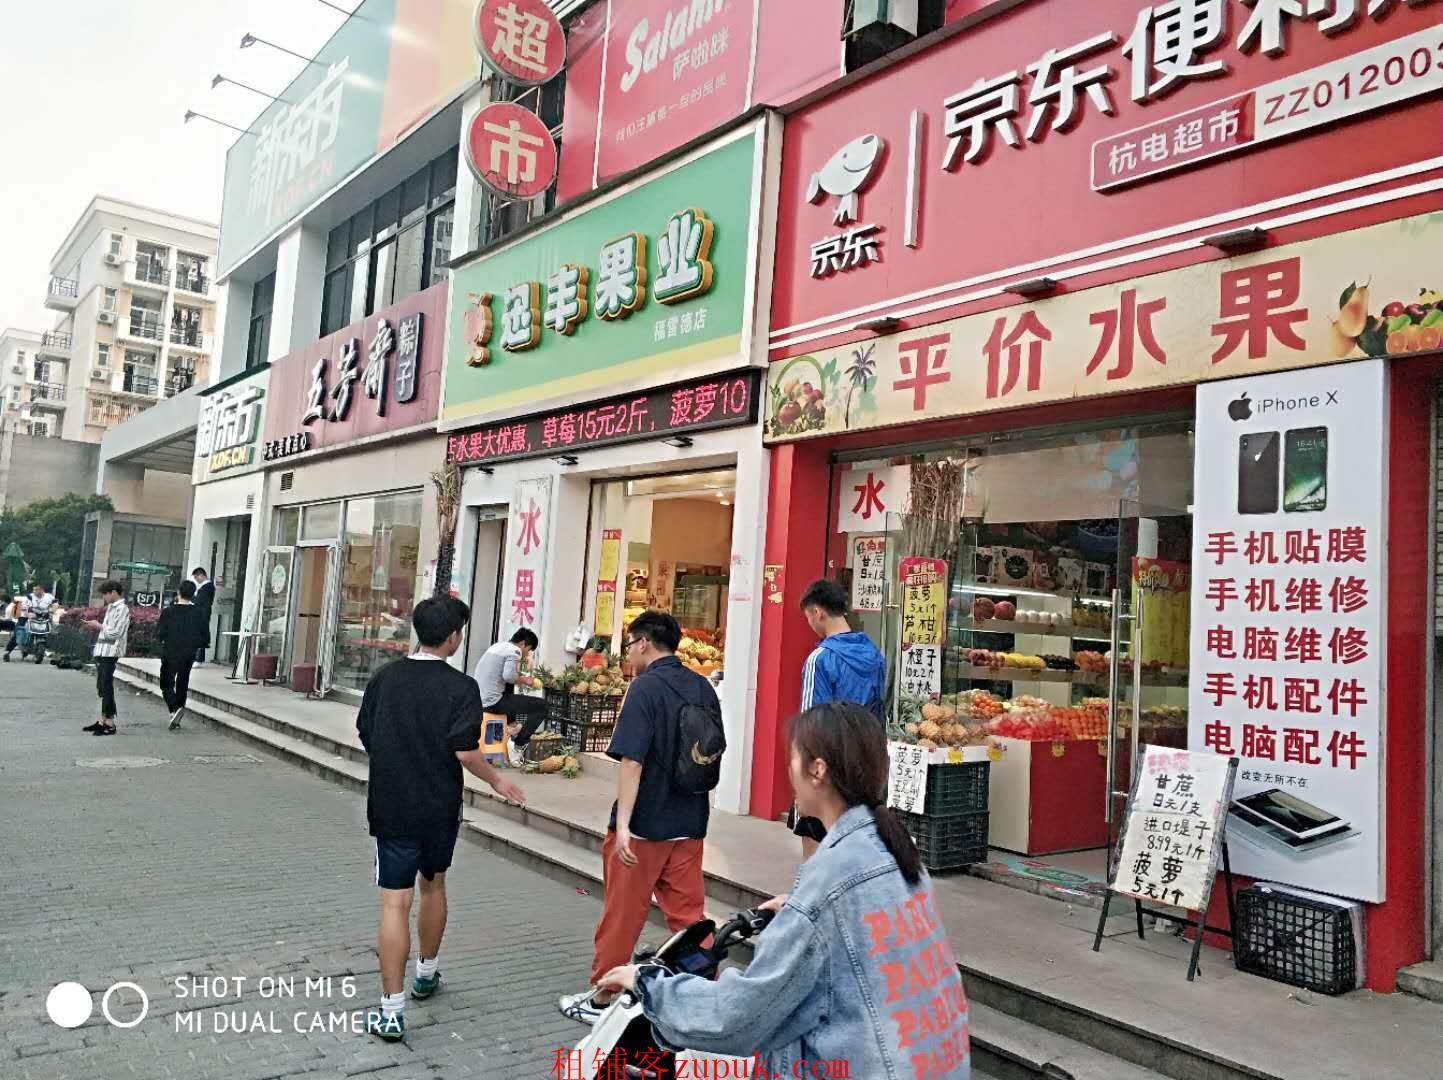 出租 招火锅、餐吧等等无转让费 武林广场核心商圈